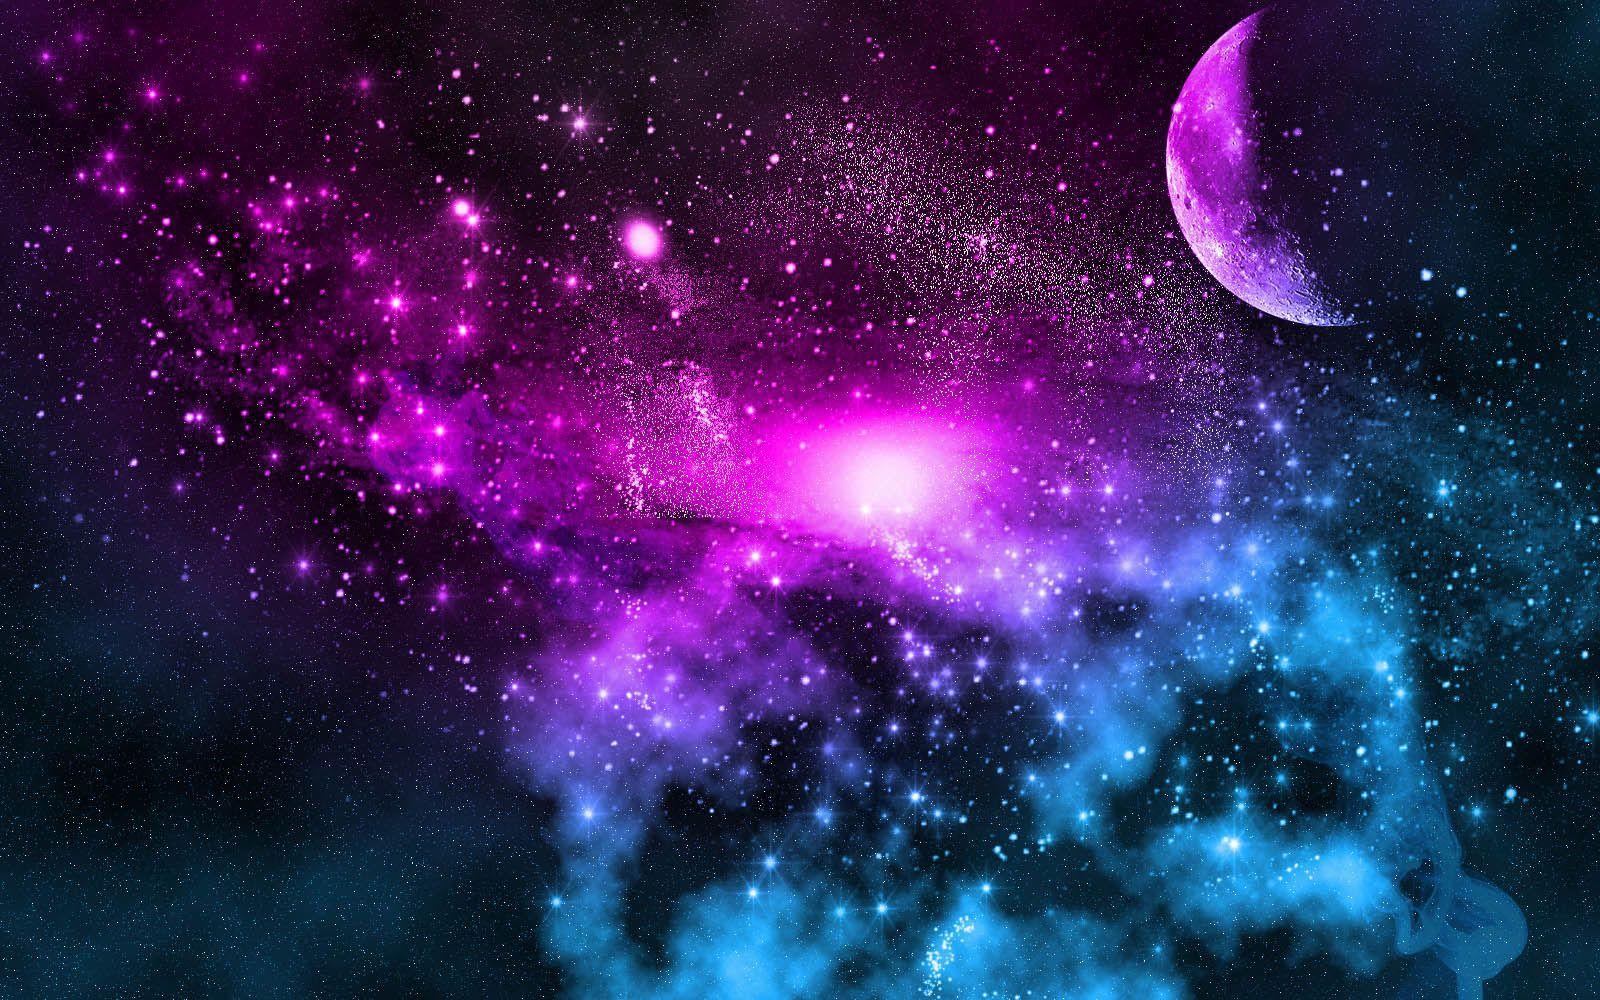 Xxneonavyxx Neon On Deviantart Galaxy Pictures Galaxy Wallpaper Star Wallpaper